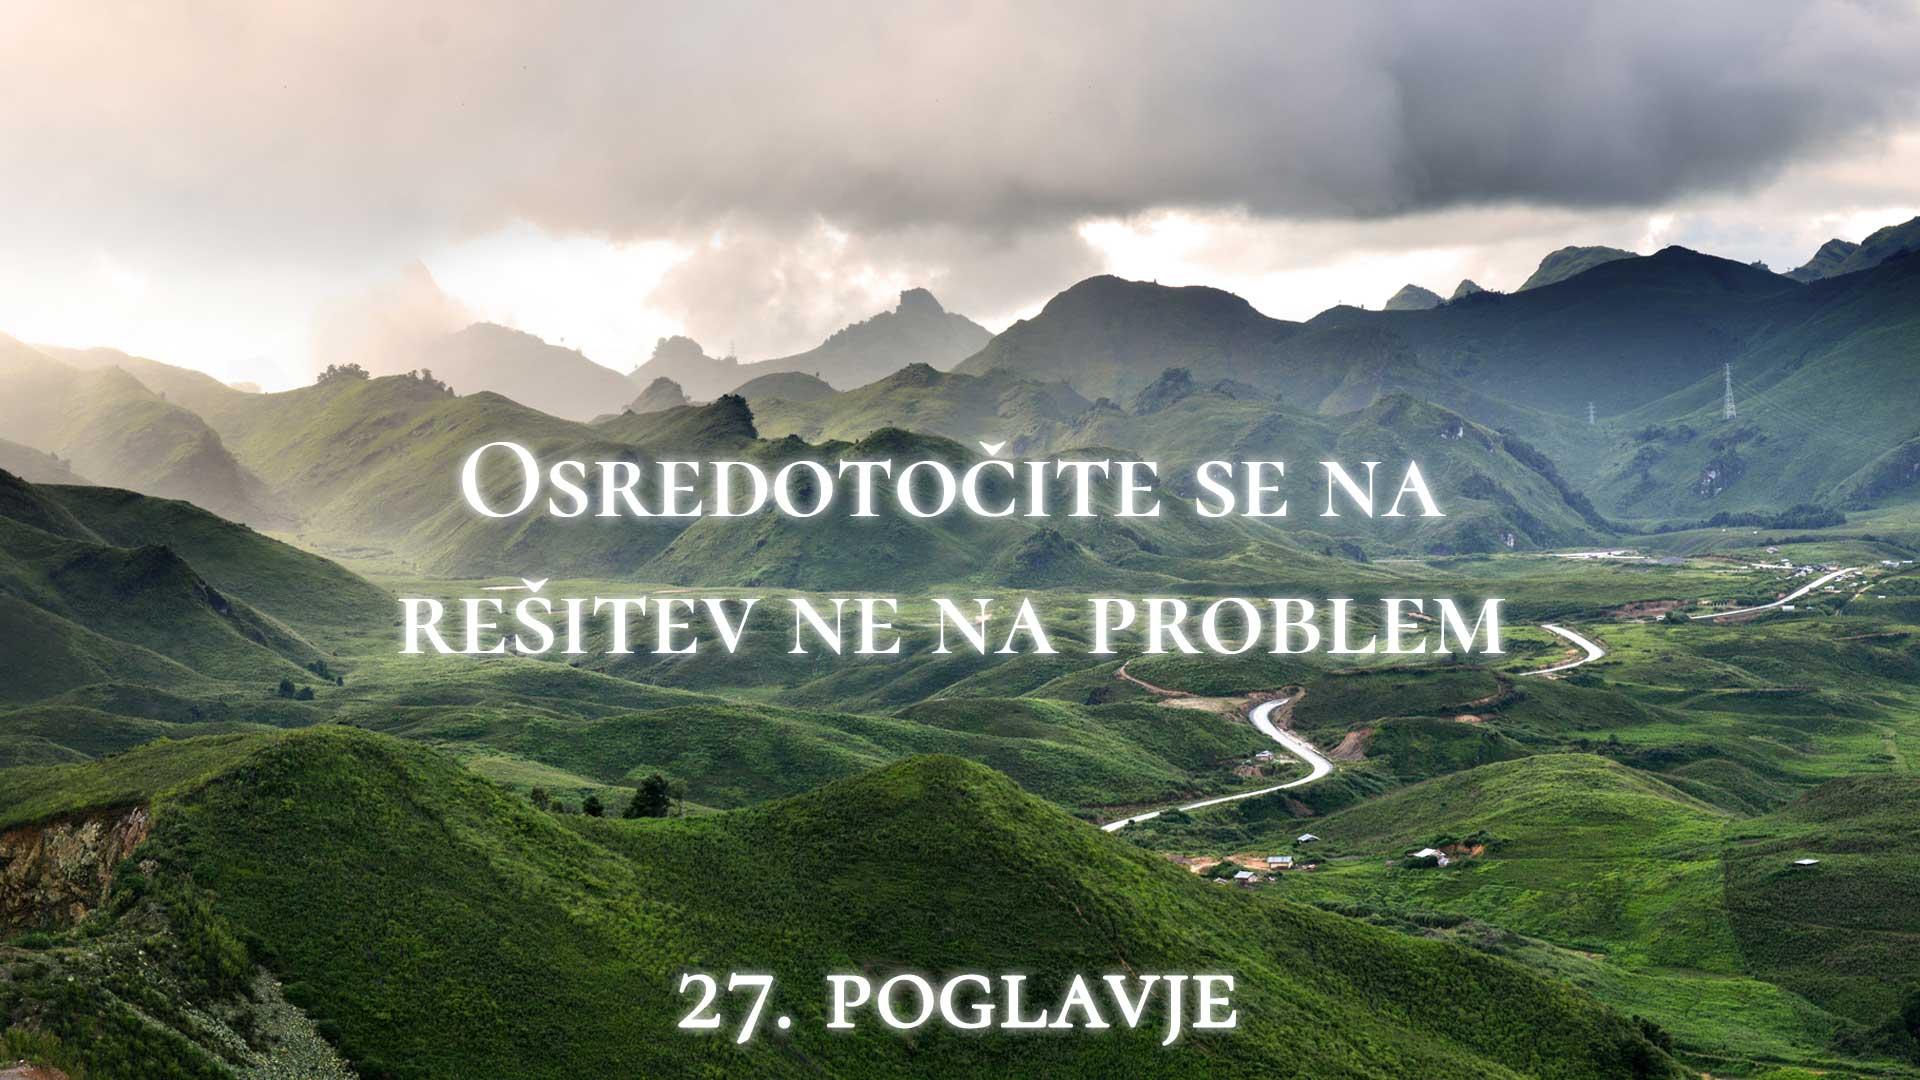 osredotočite se na rešitev ne na problem